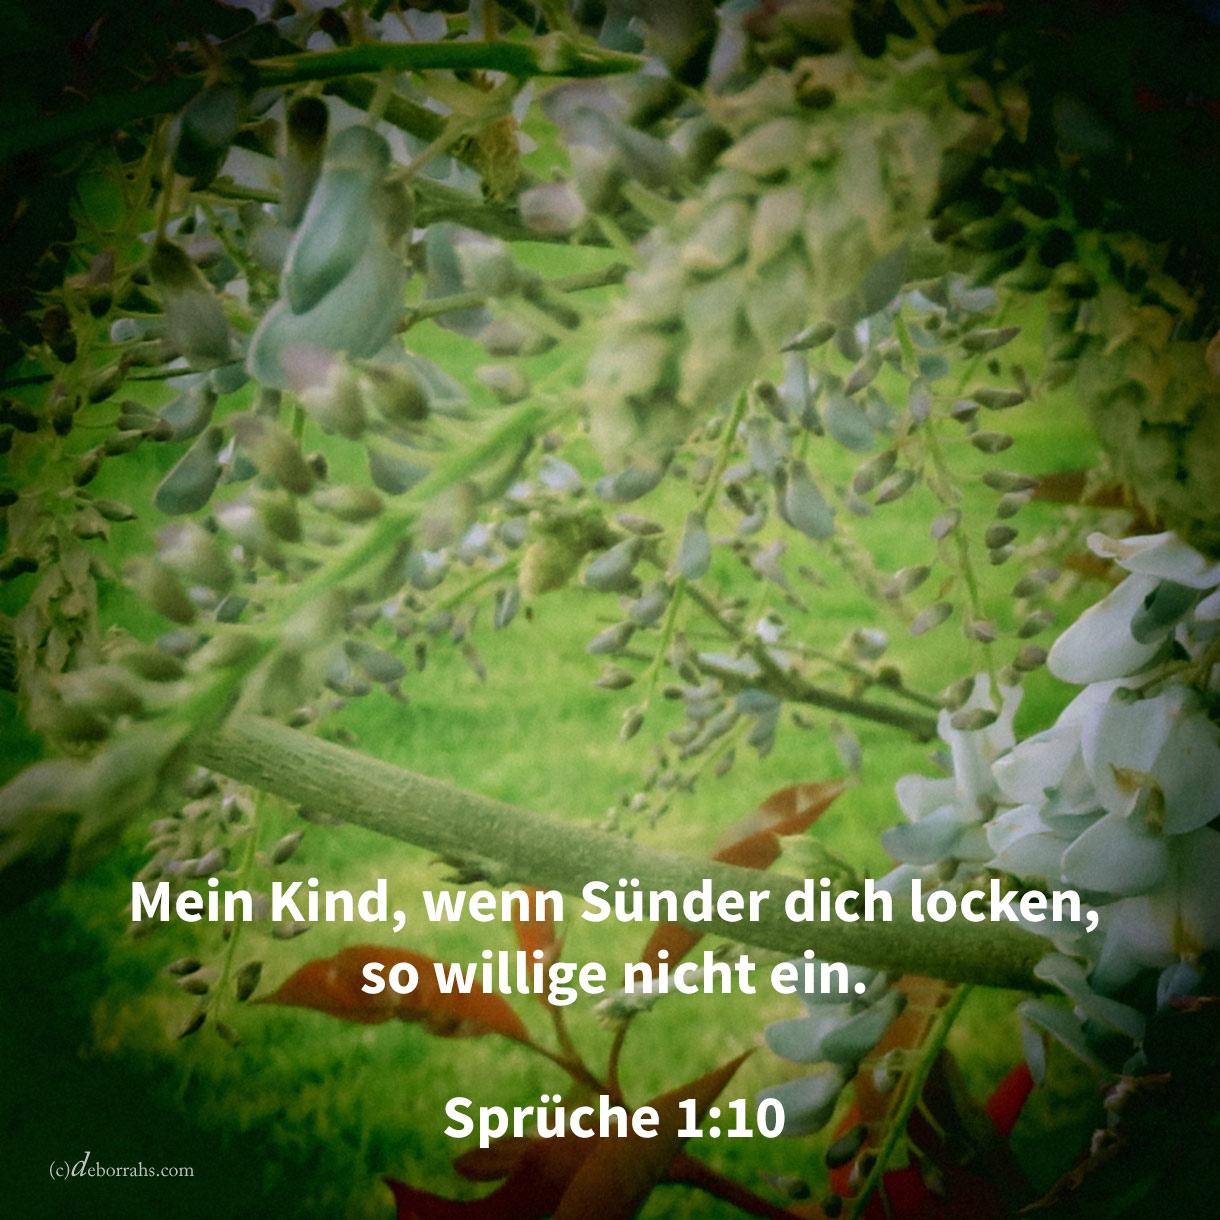 Mein Kind, wenn Sünder dich locken, so willige nicht ein (Sprüche 1,10 )